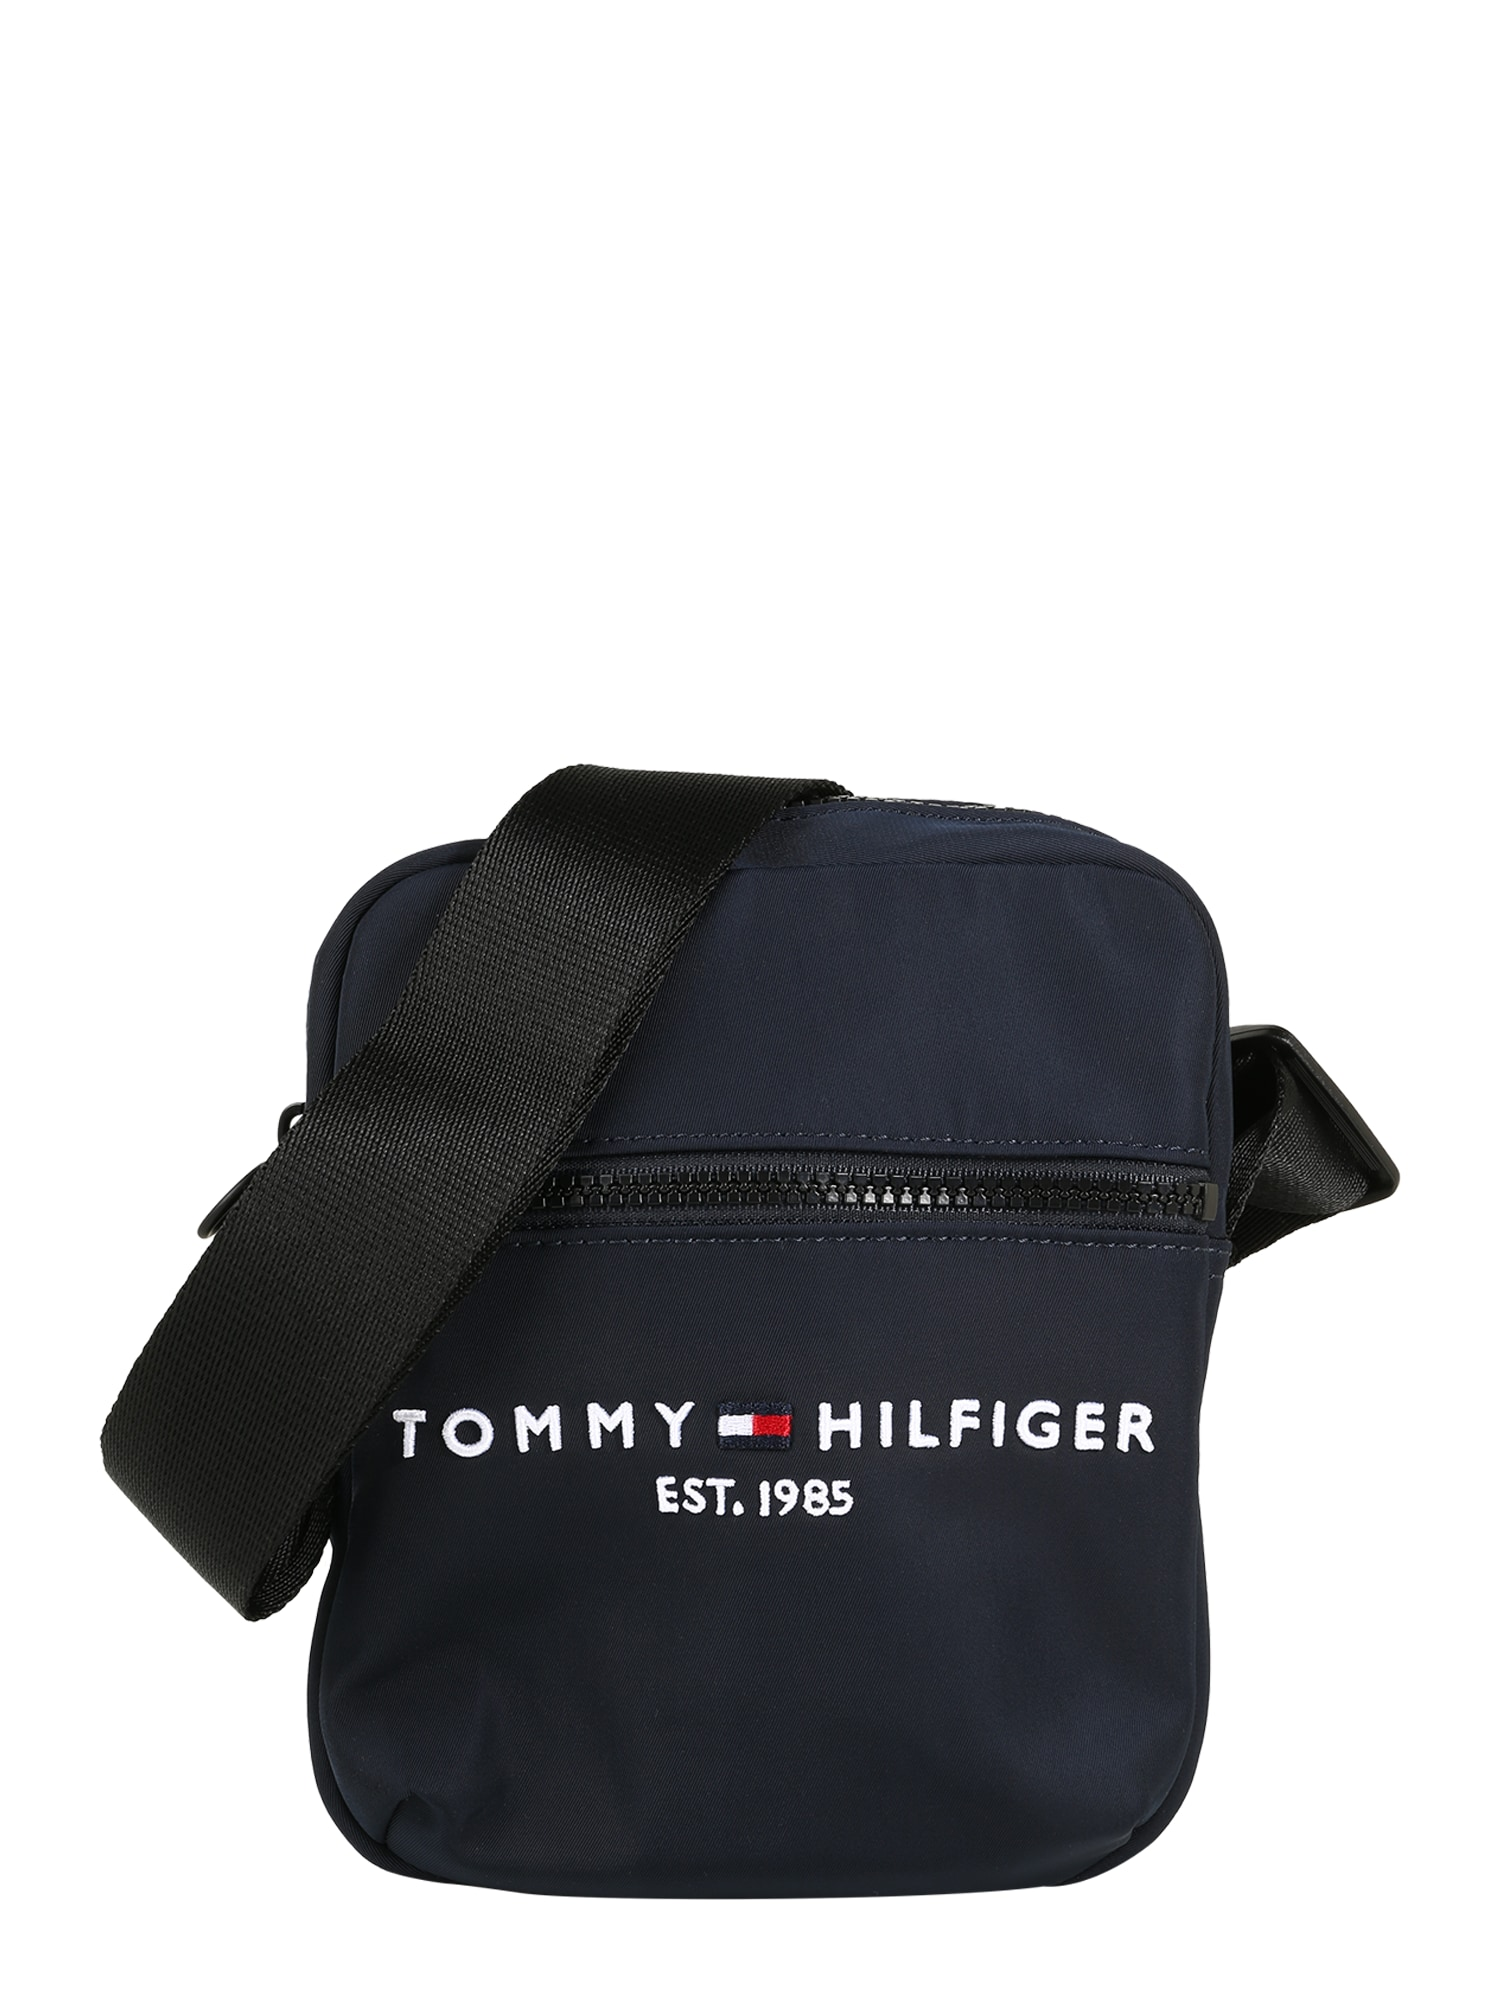 TOMMY HILFIGER Rankinė su ilgu dirželiu tamsiai mėlyna / vyno raudona spalva / raudona / juoda